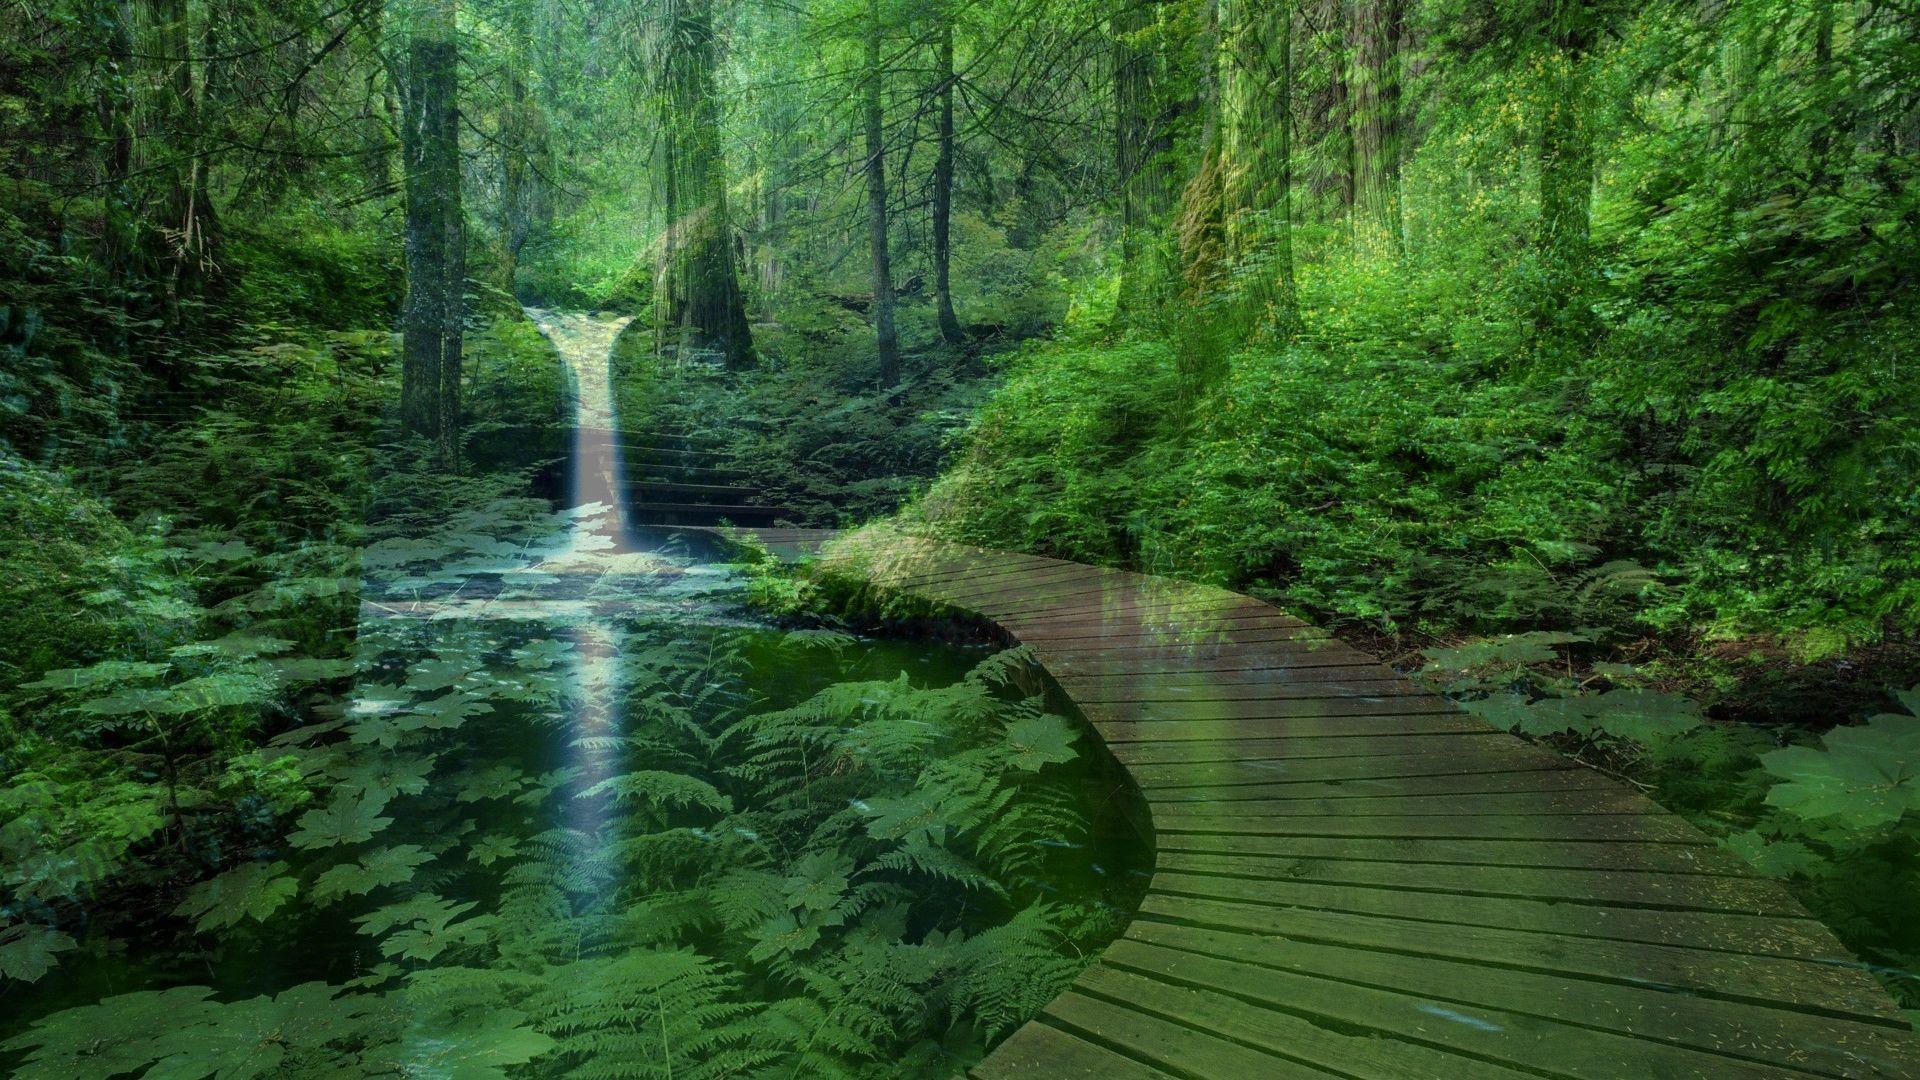 Pin By Joyce On Peaceful Landscapes Waterfall Scenery Landscape Wallpaper Landscape Trees